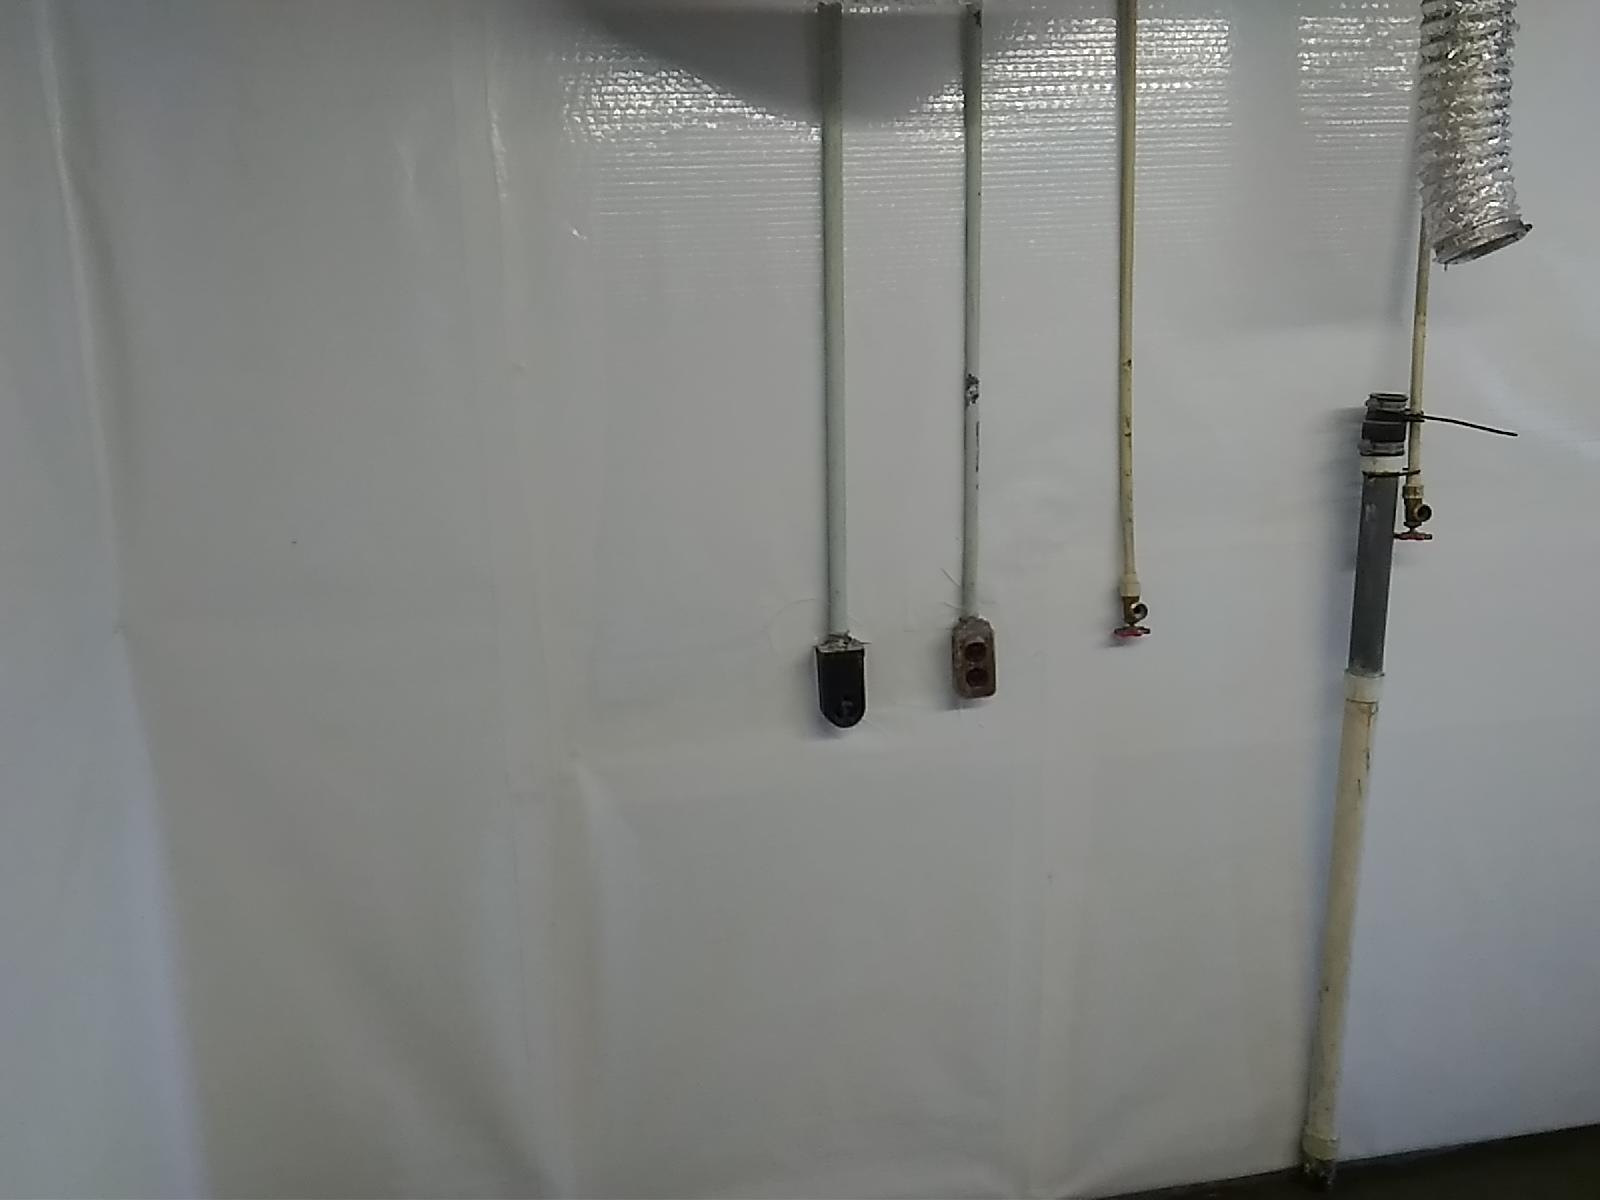 Vapor Barrier System